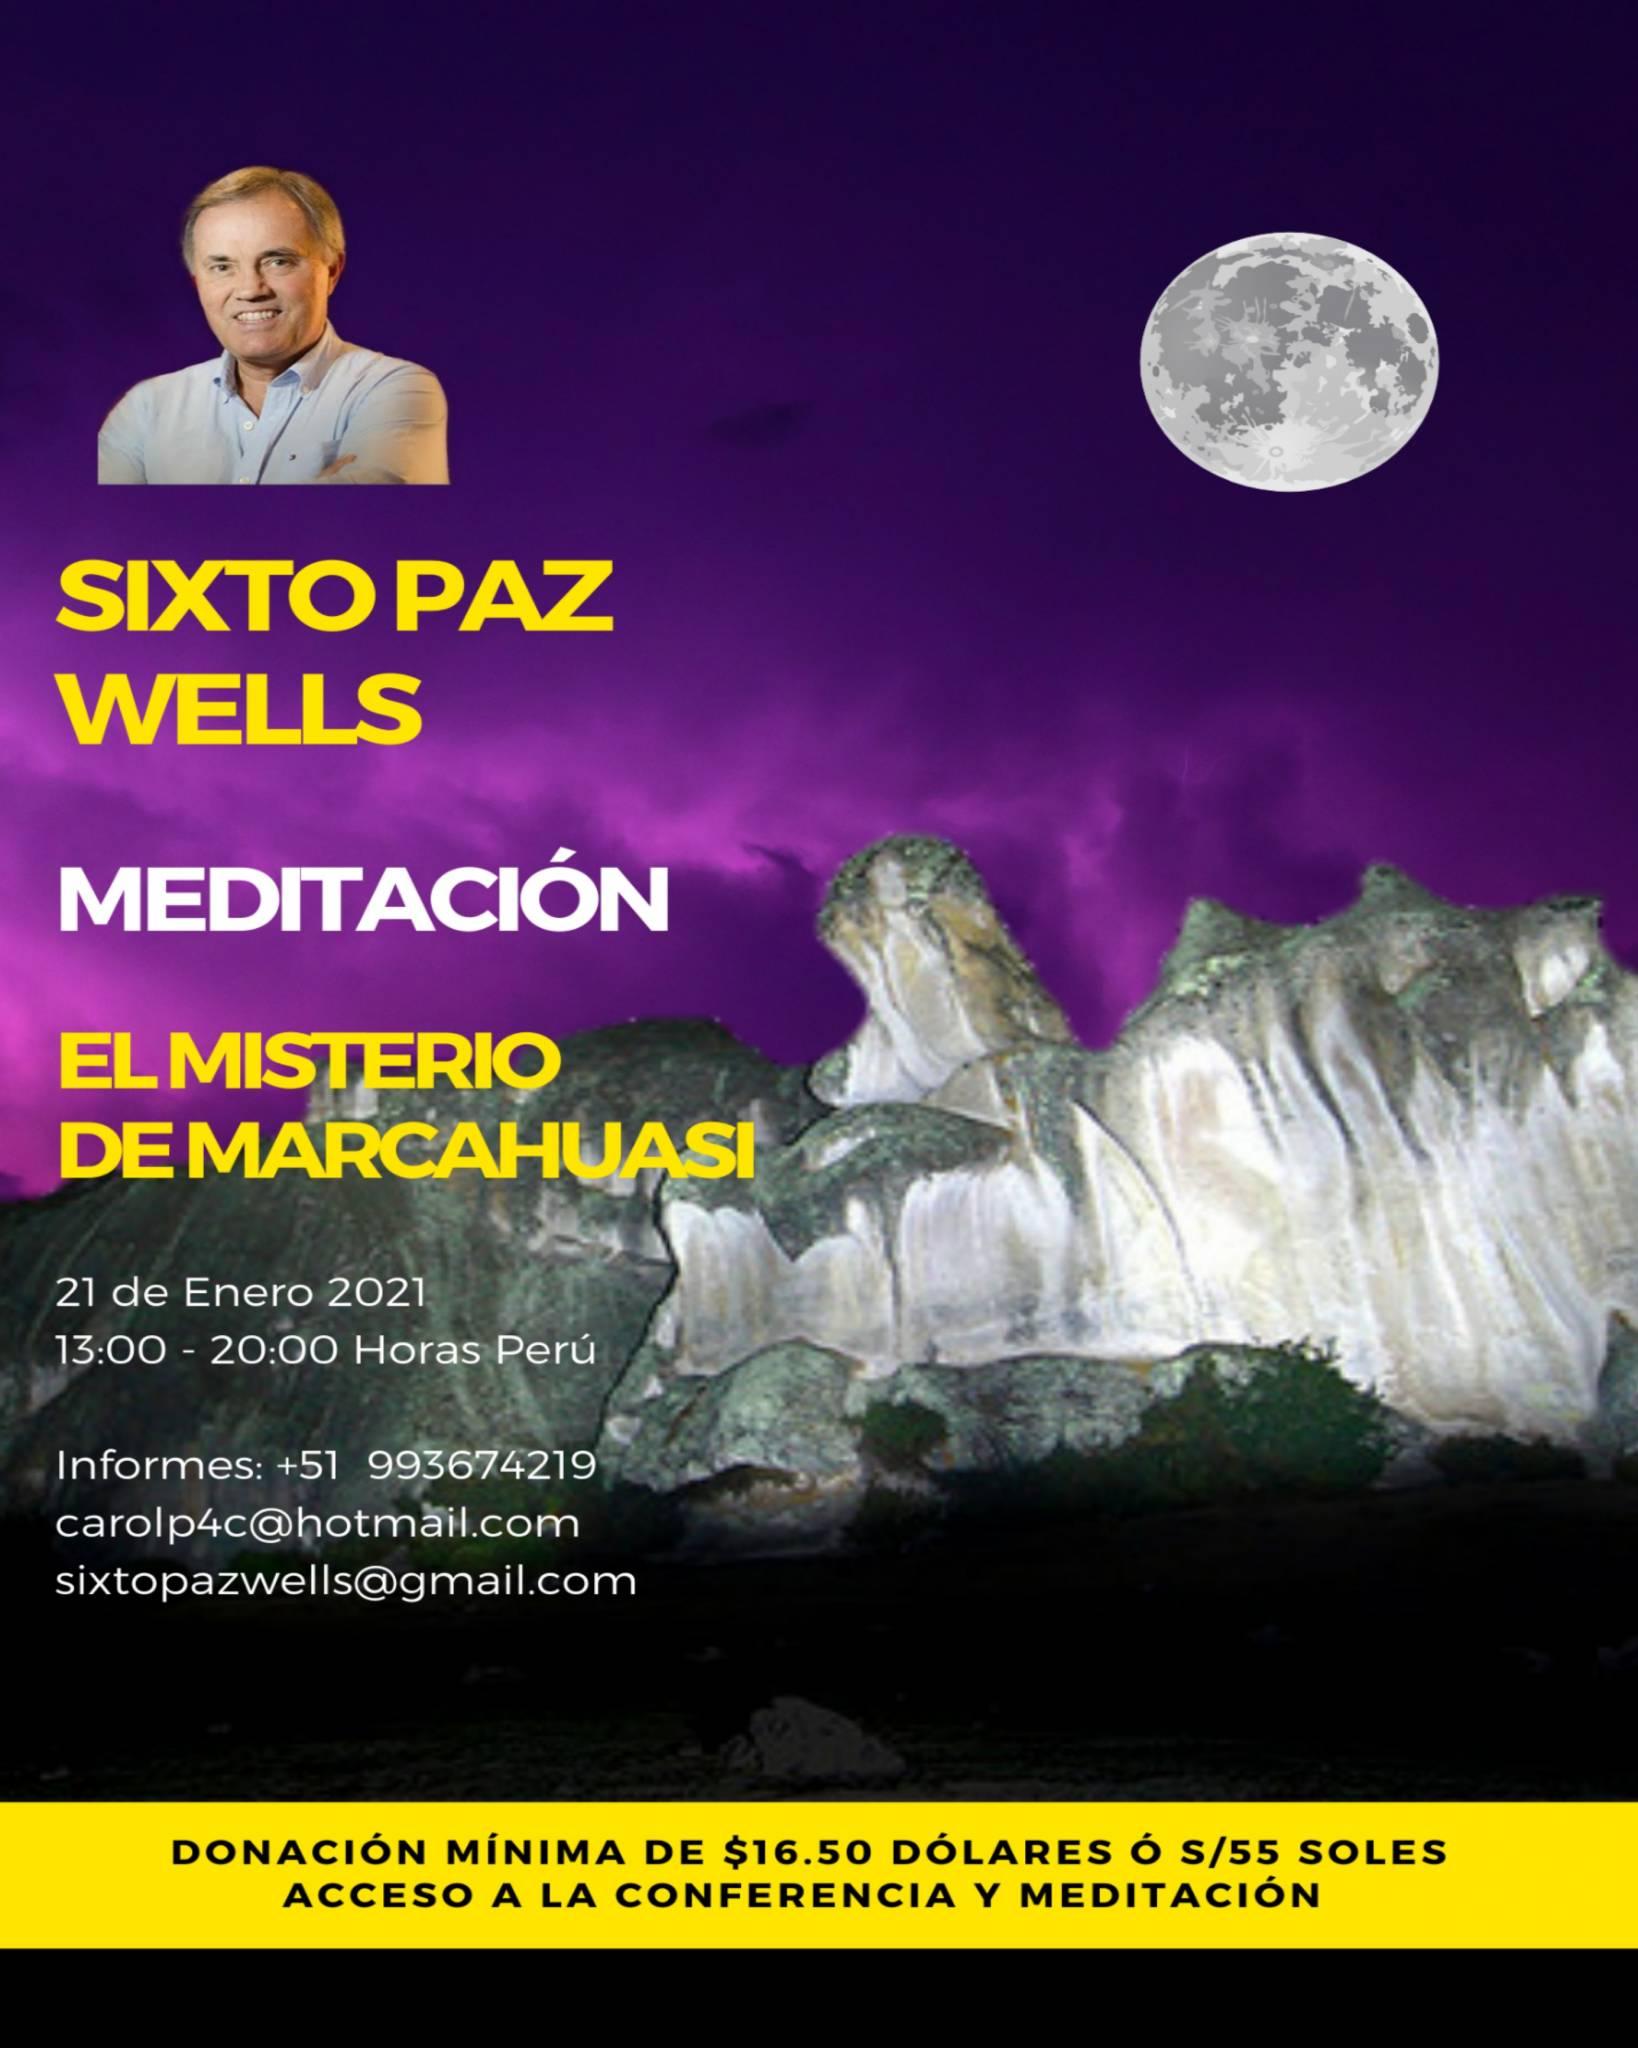 MEDITACIÓN – EL MISTERIO DE MARCAHUASI